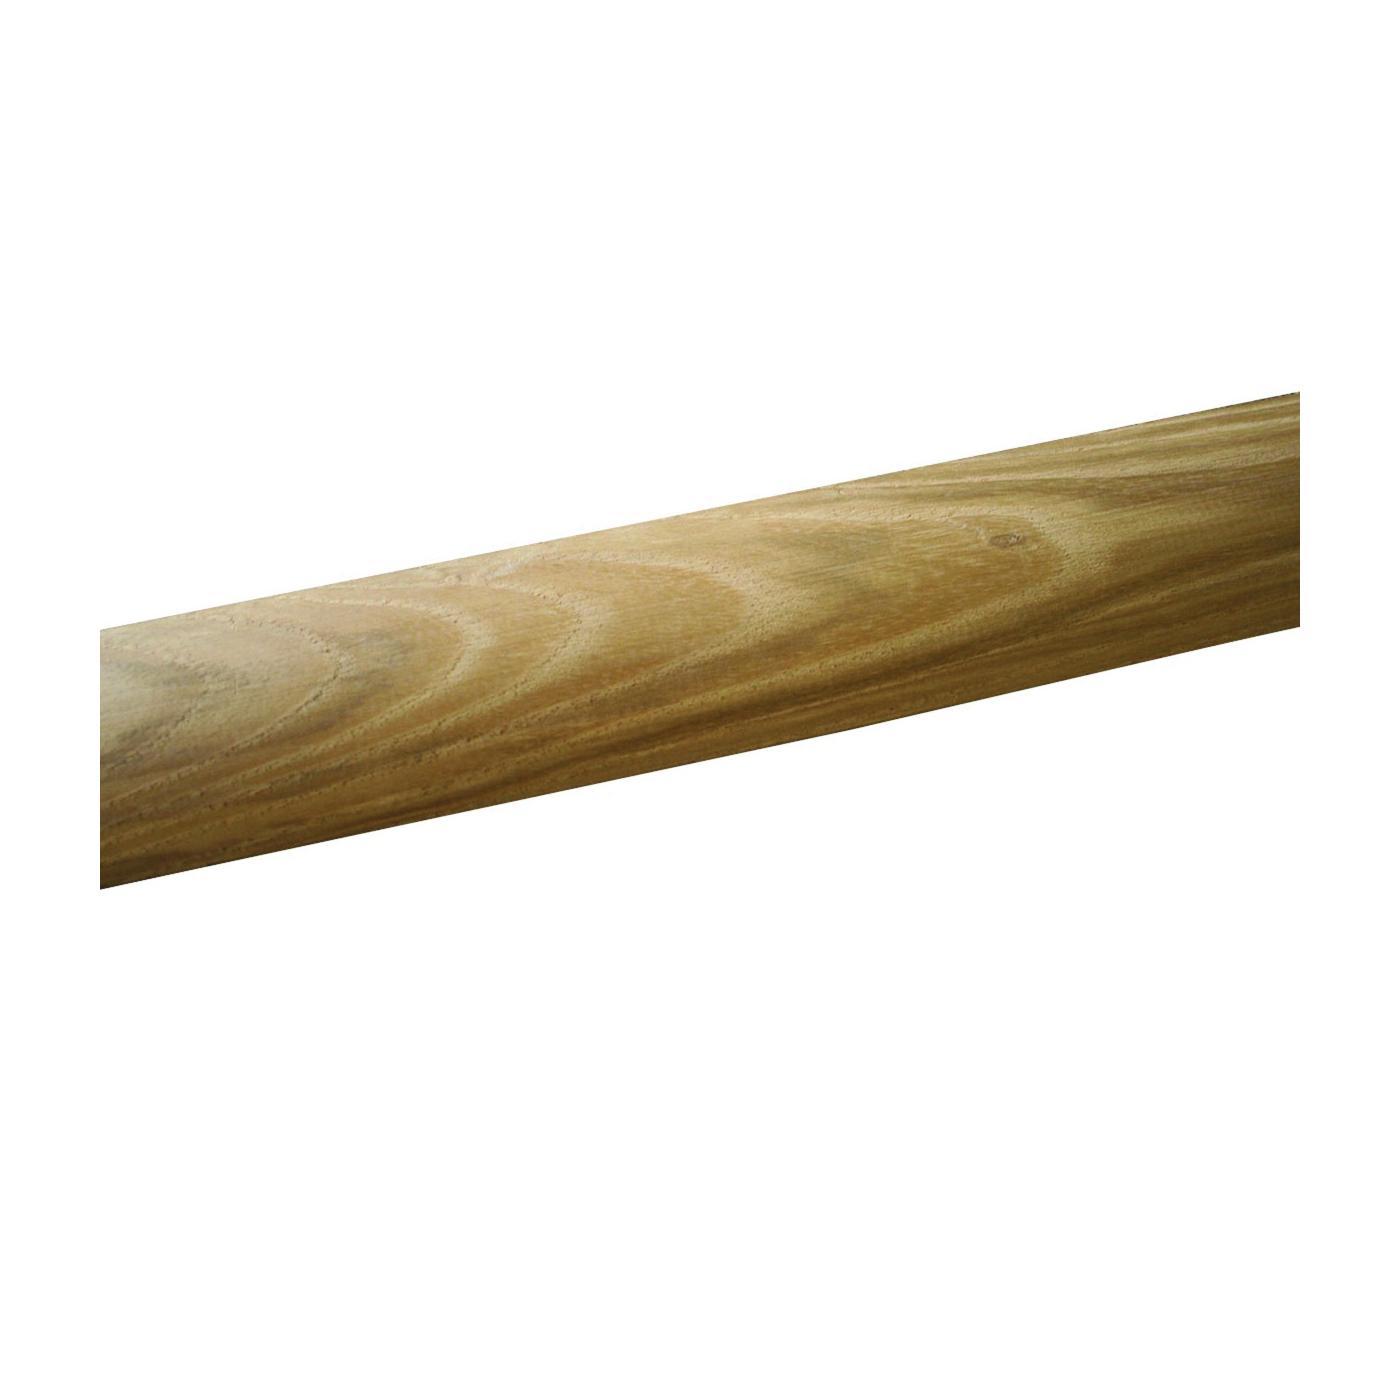 Picture of M-D 48937 Seam Binder, 72 in L, 2 in W, Hardwood, Natural Oak